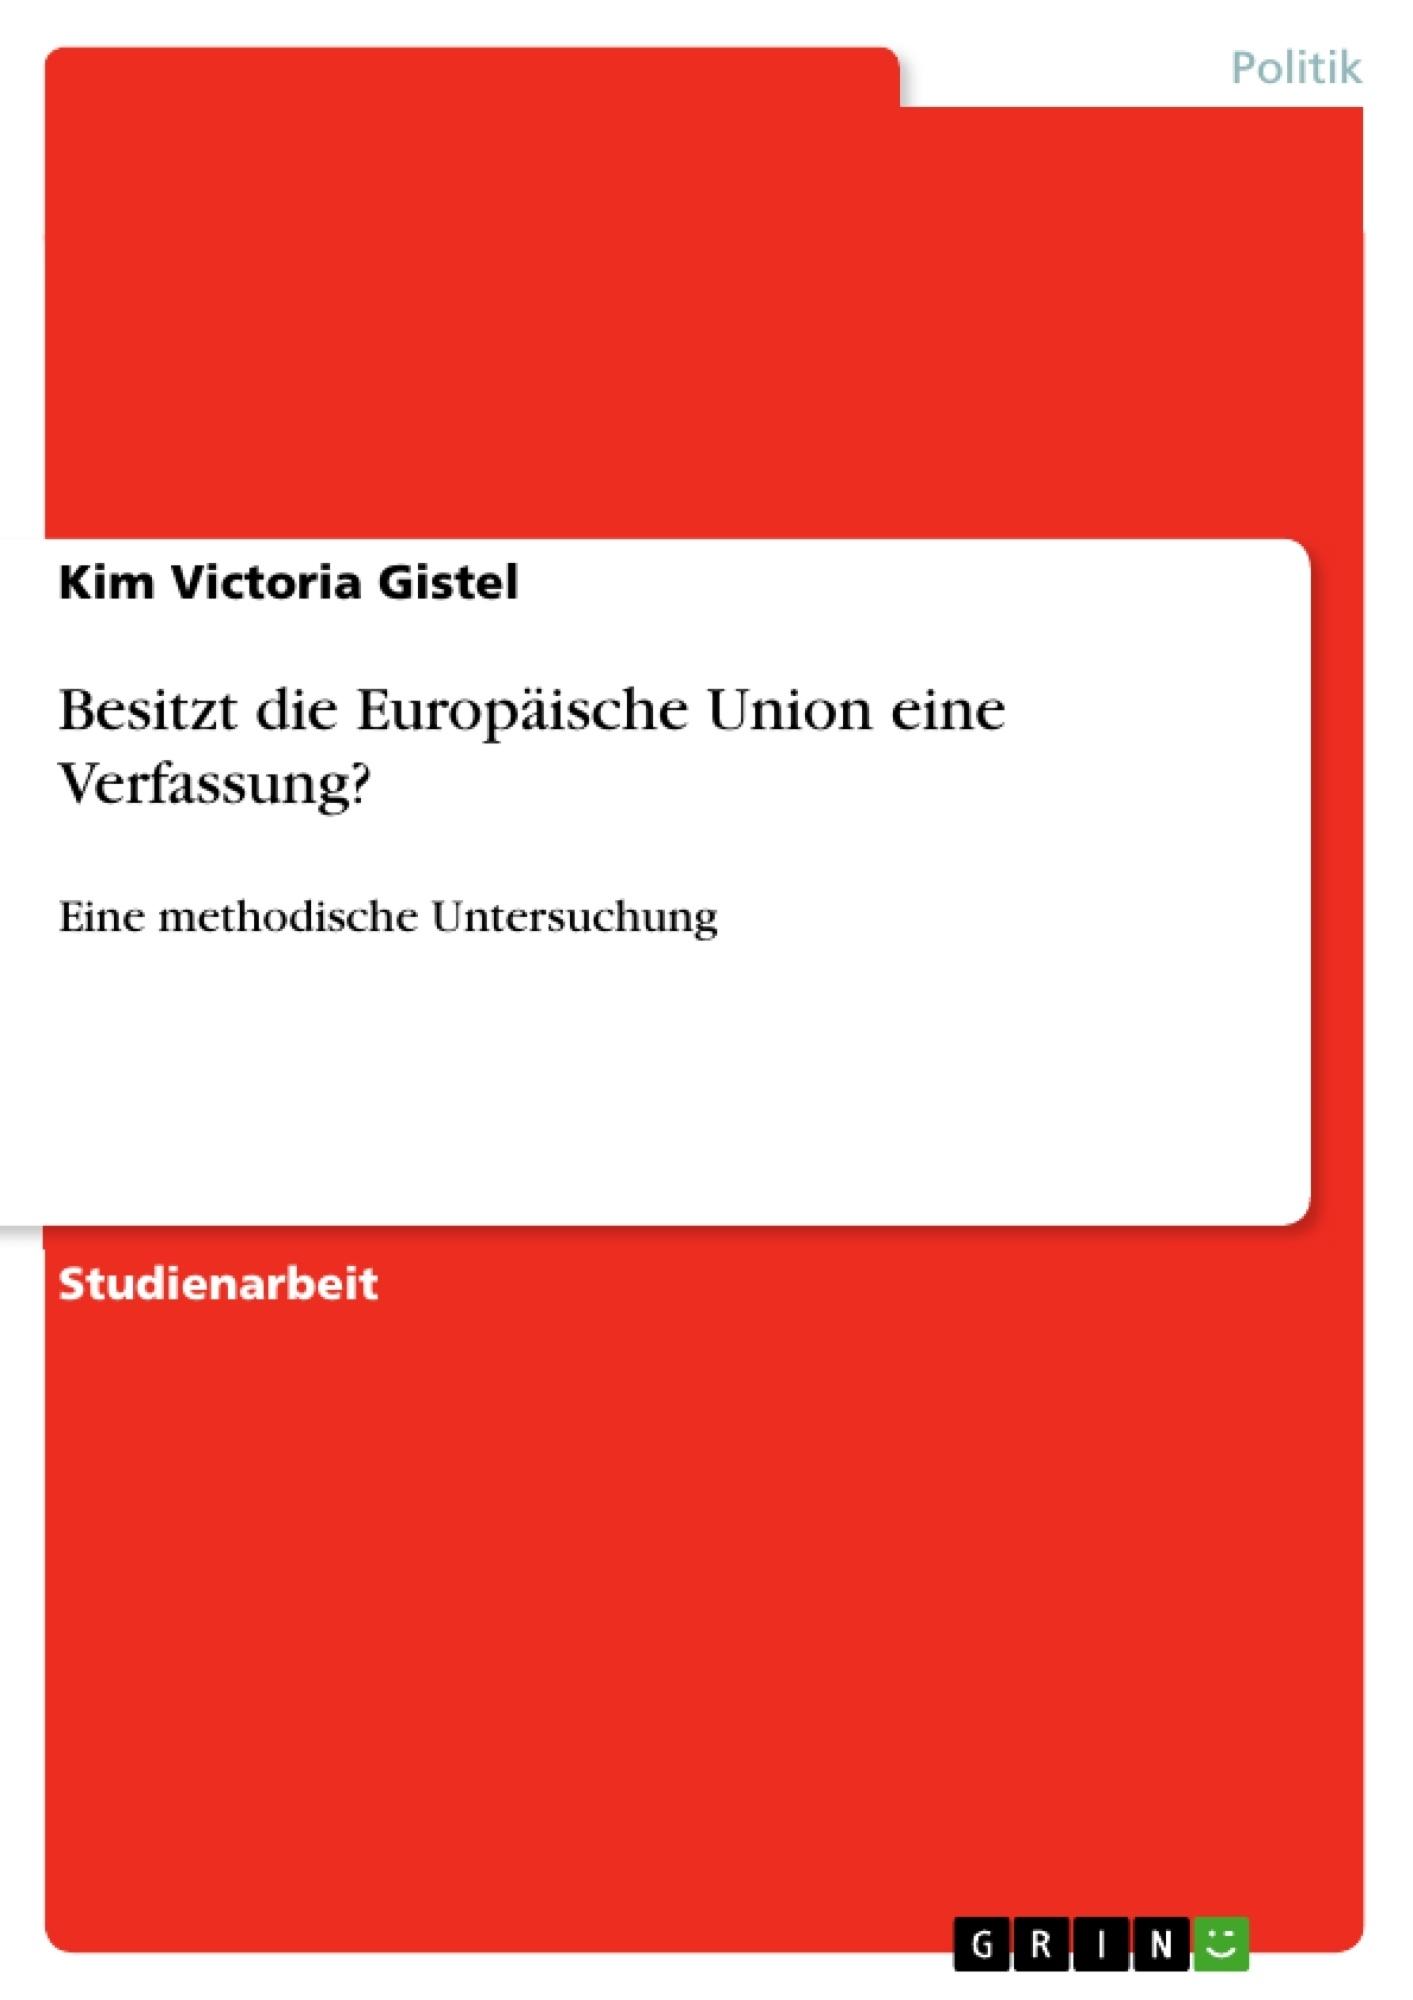 Titel: Besitzt die Europäische Union eine Verfassung?